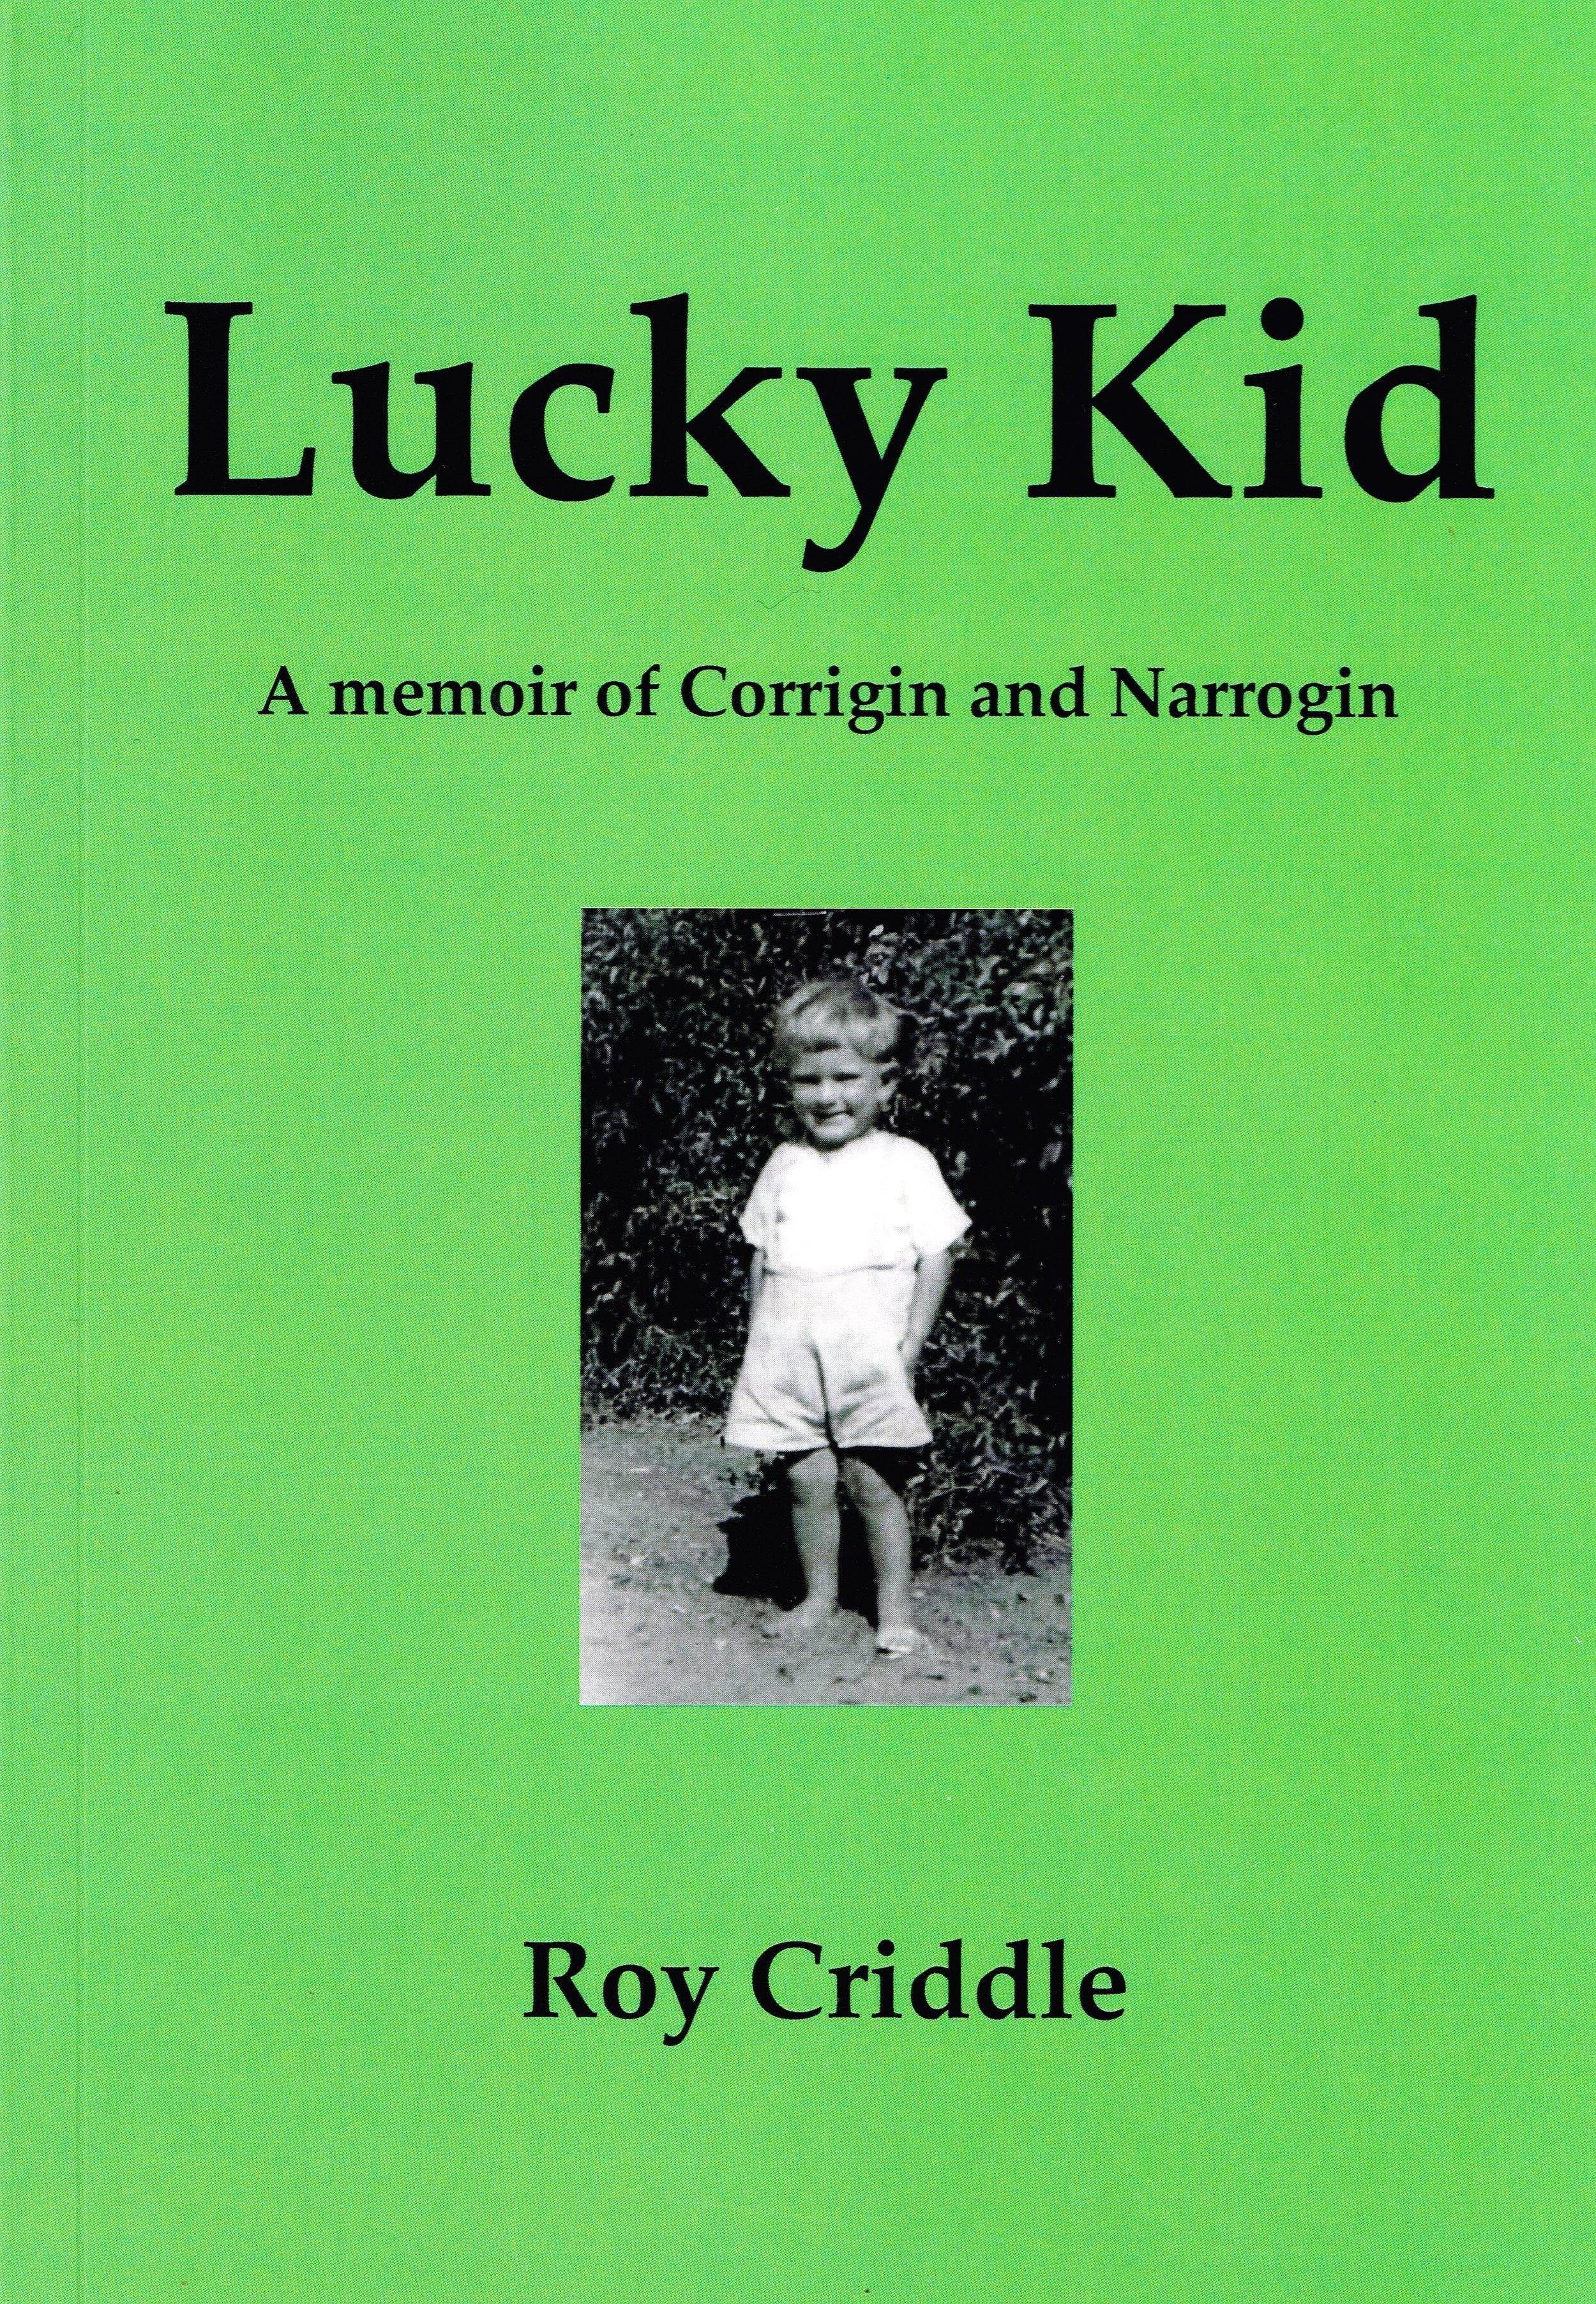 Lucky Kid : A memoir of Corrigin and Narrogin   Roy Criddle